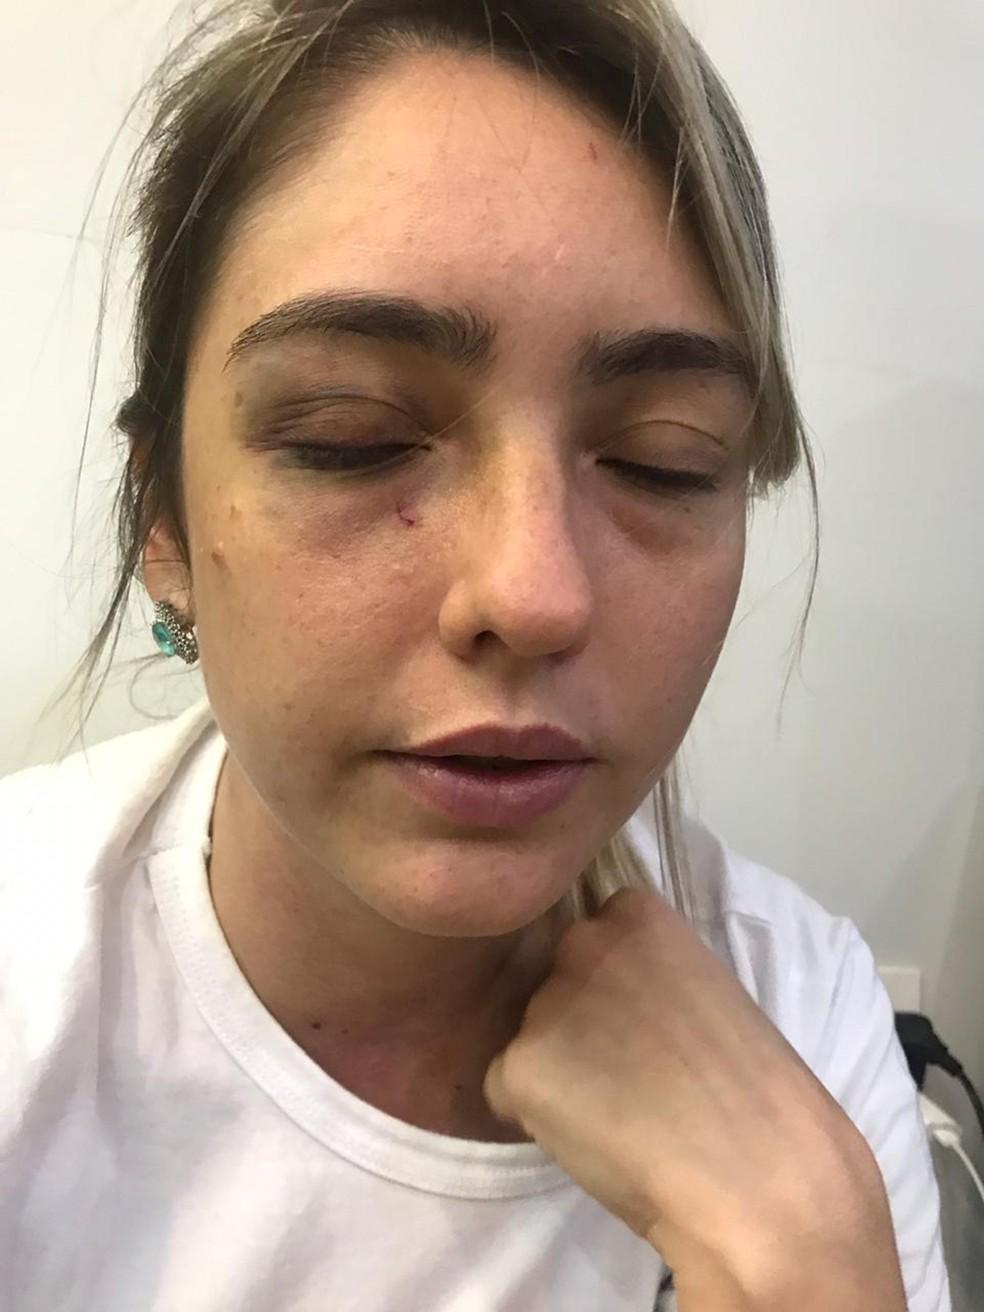 Advogada ficou com hematomas no rosto após agressões — Foto: Arquivo Pessoal